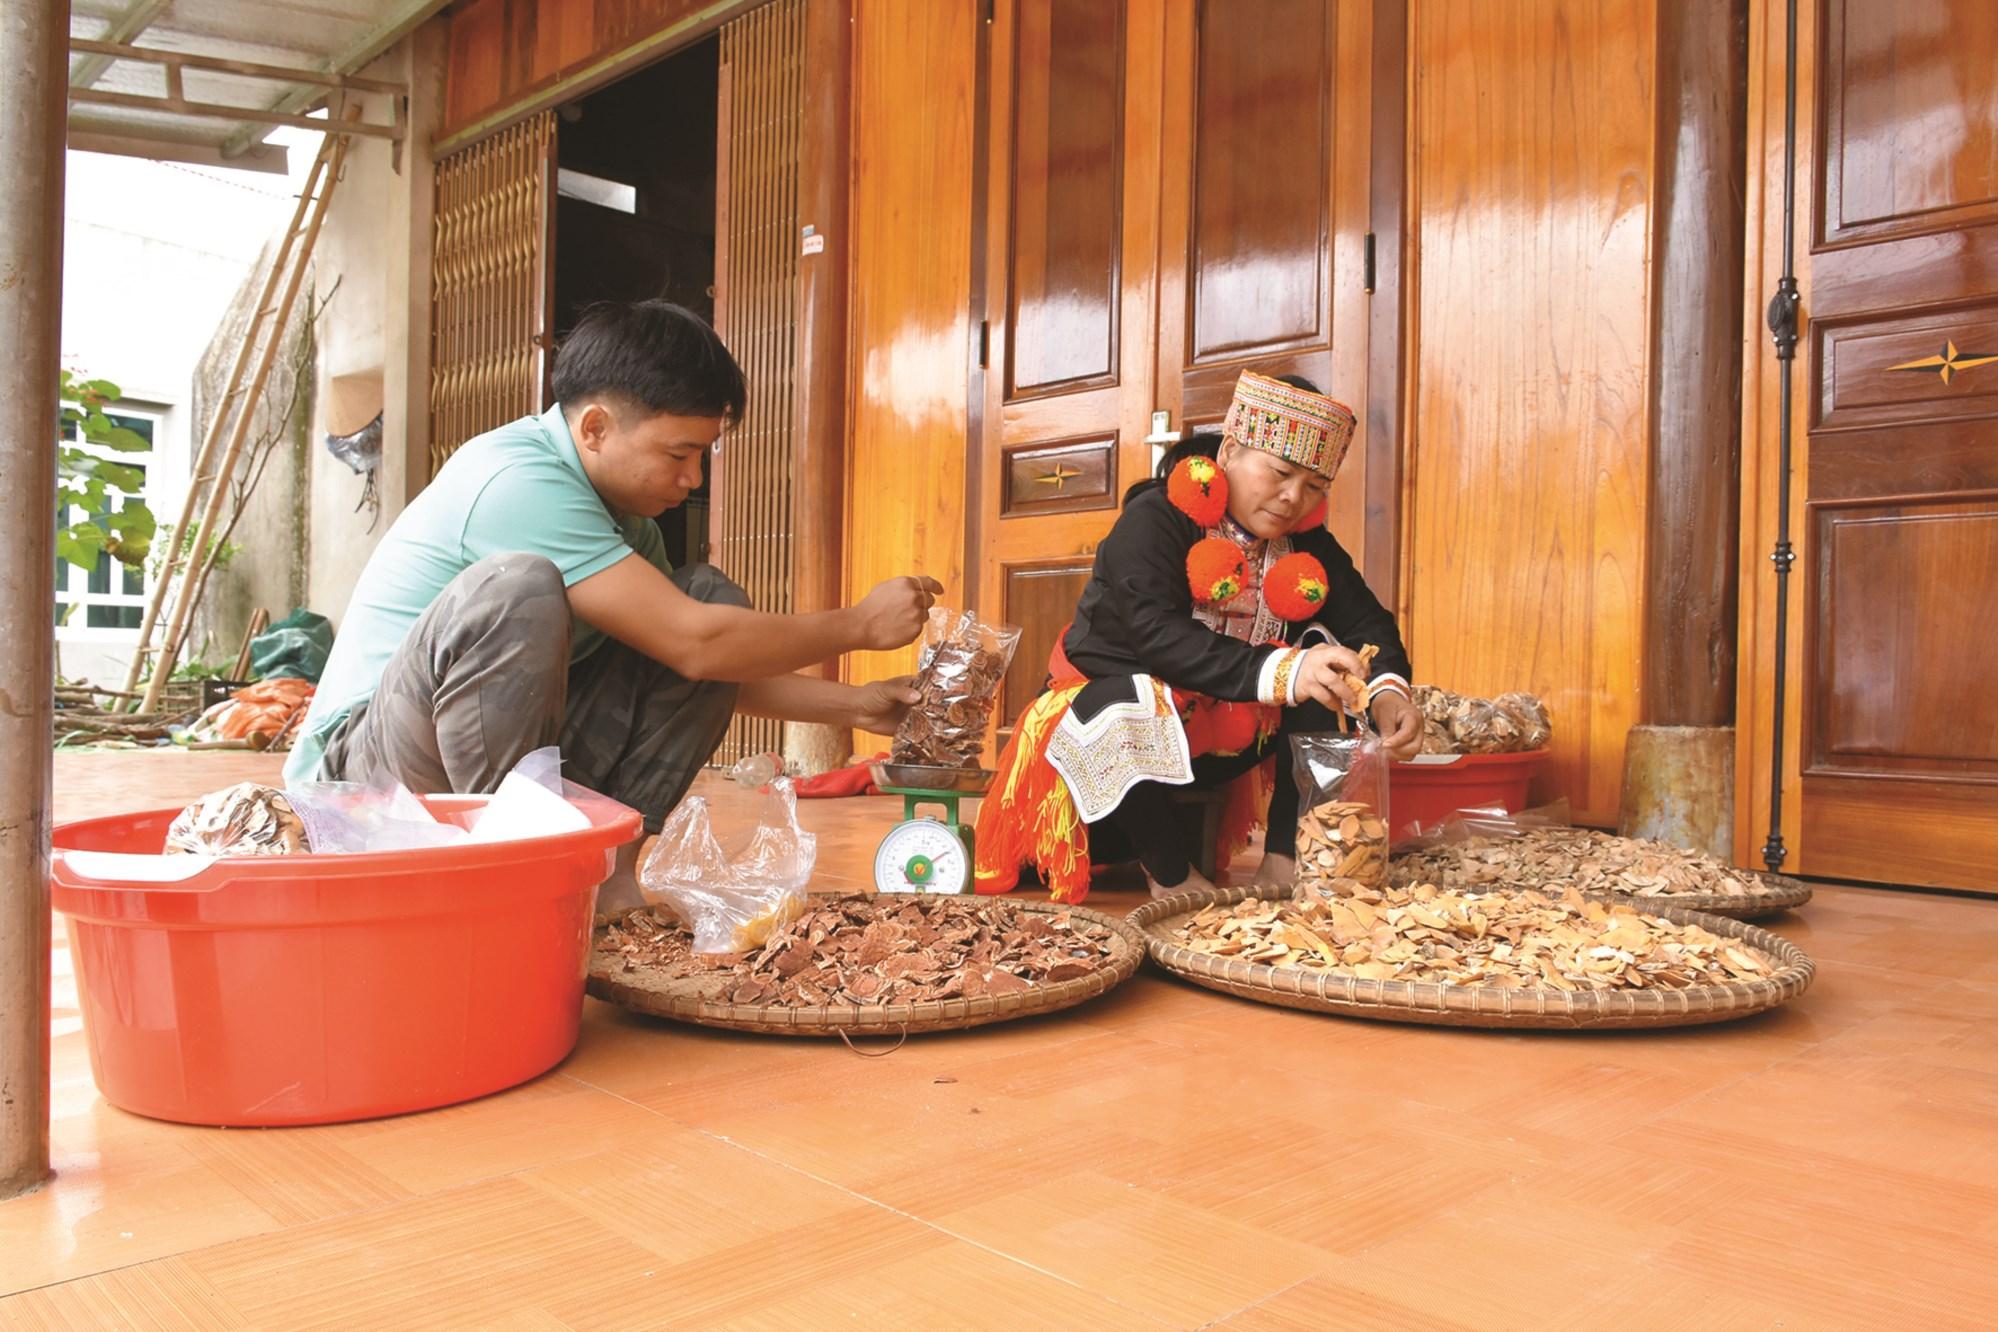 Mế Triệu Thị Tâm, Thôn Tân Hoa, xã Bình An (Lâm Bình) cùng con trai đóng gói các thang thuốc gia truyền của gia đình.